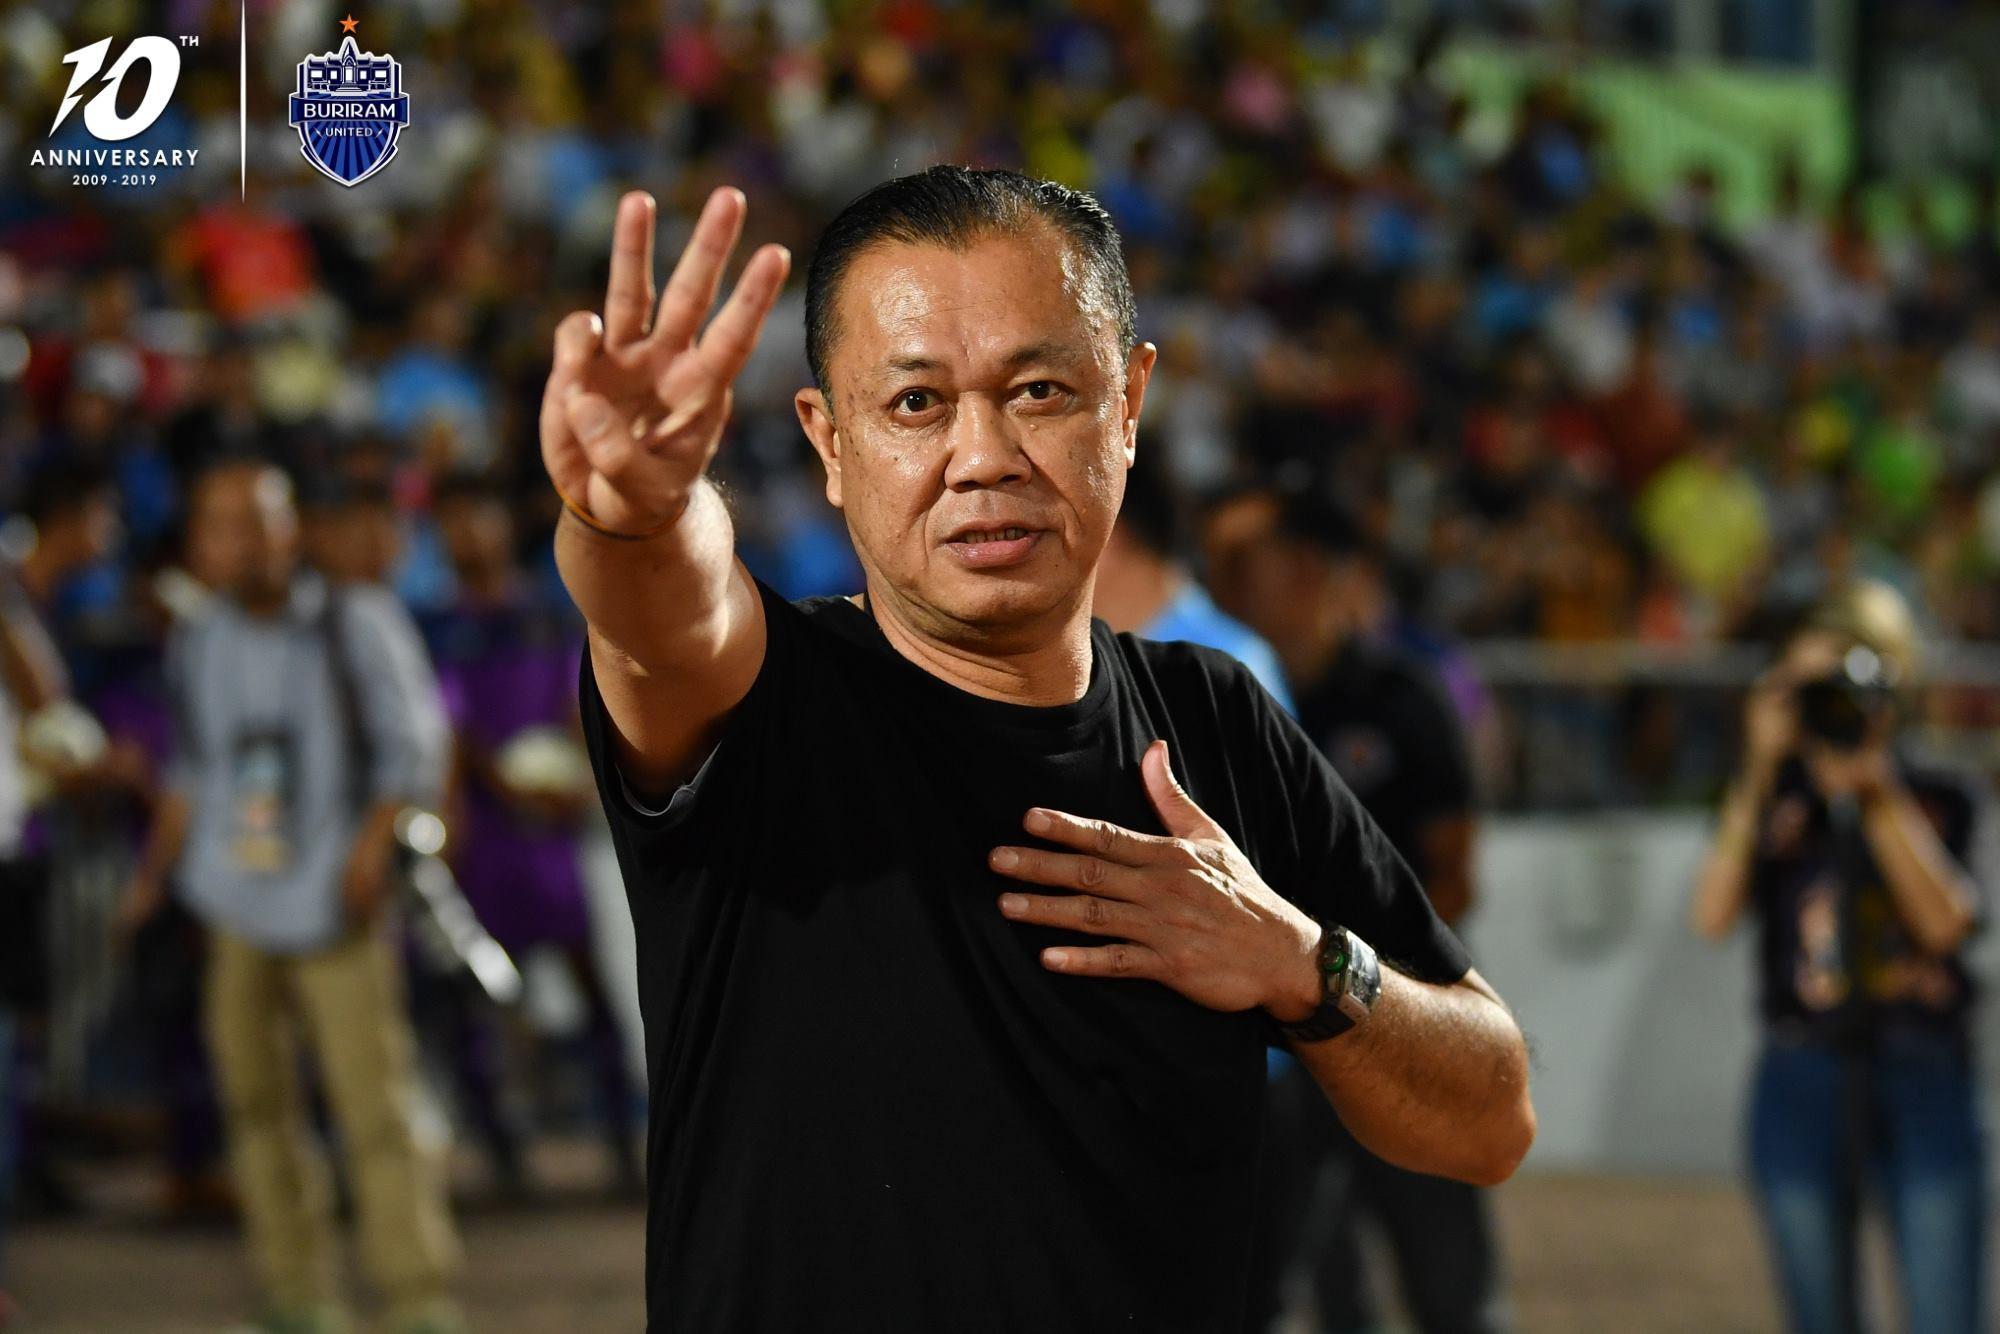 Xuân Trường sáng cửa trở thành cầu thủ Việt Nam đầu tiên vô địch giải đấu chuyên nghiệp nước ngoài - Ảnh 4.